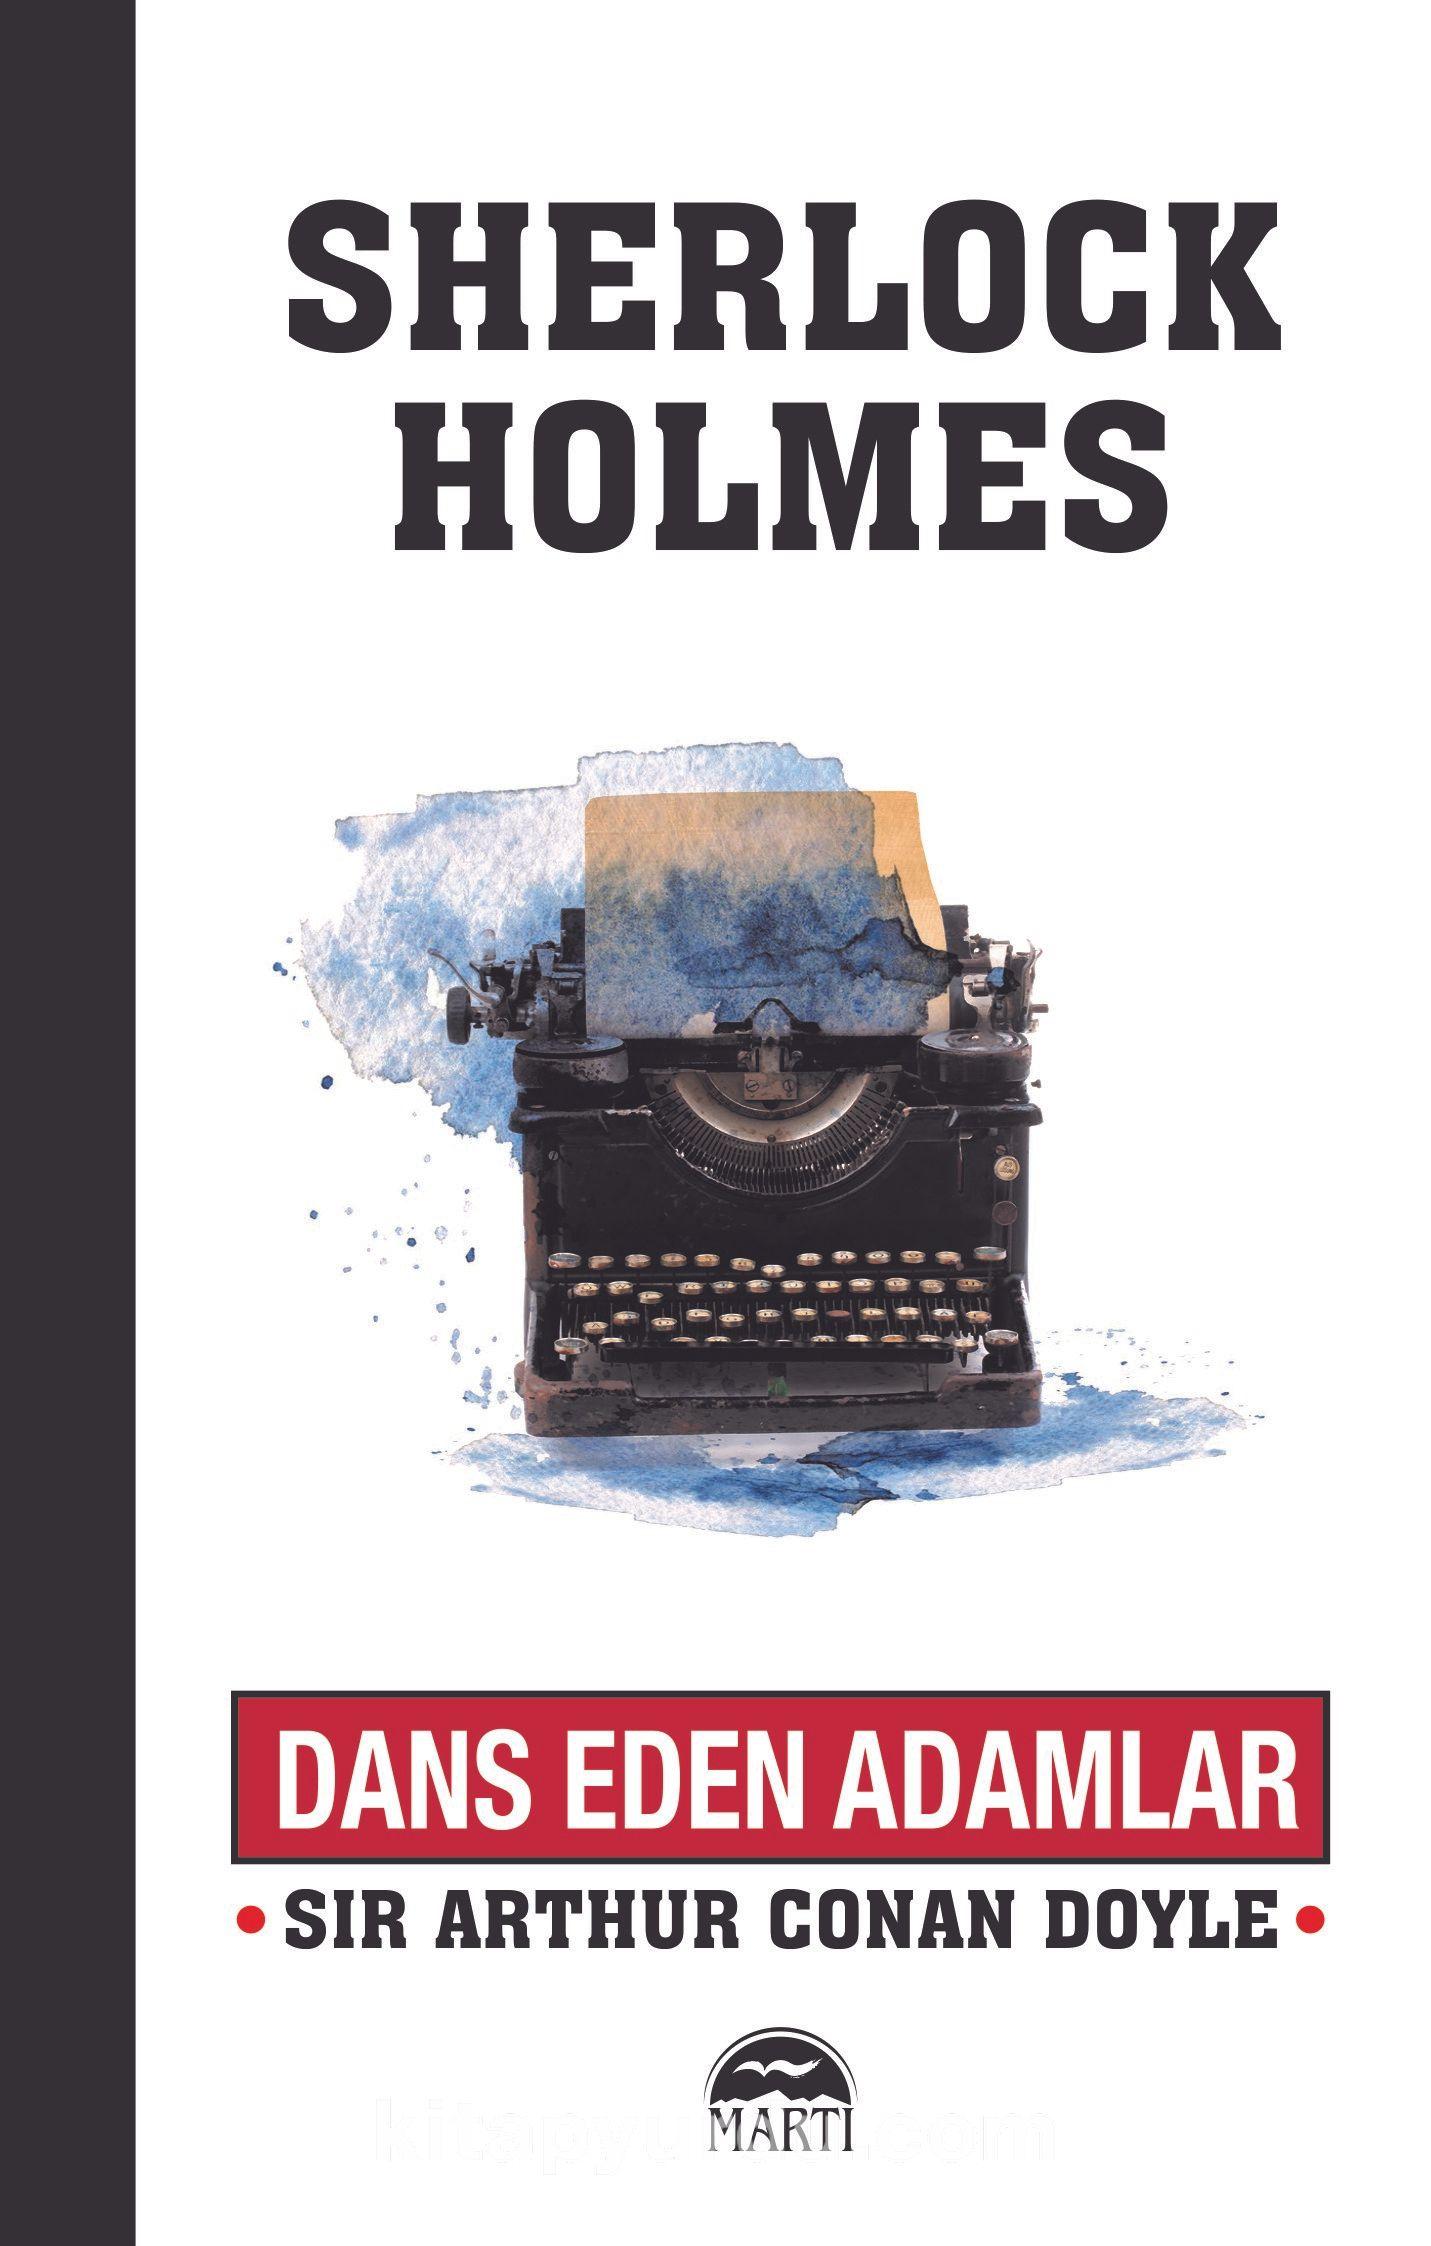 Sherlock Holmes / Dans Eden Adamlar